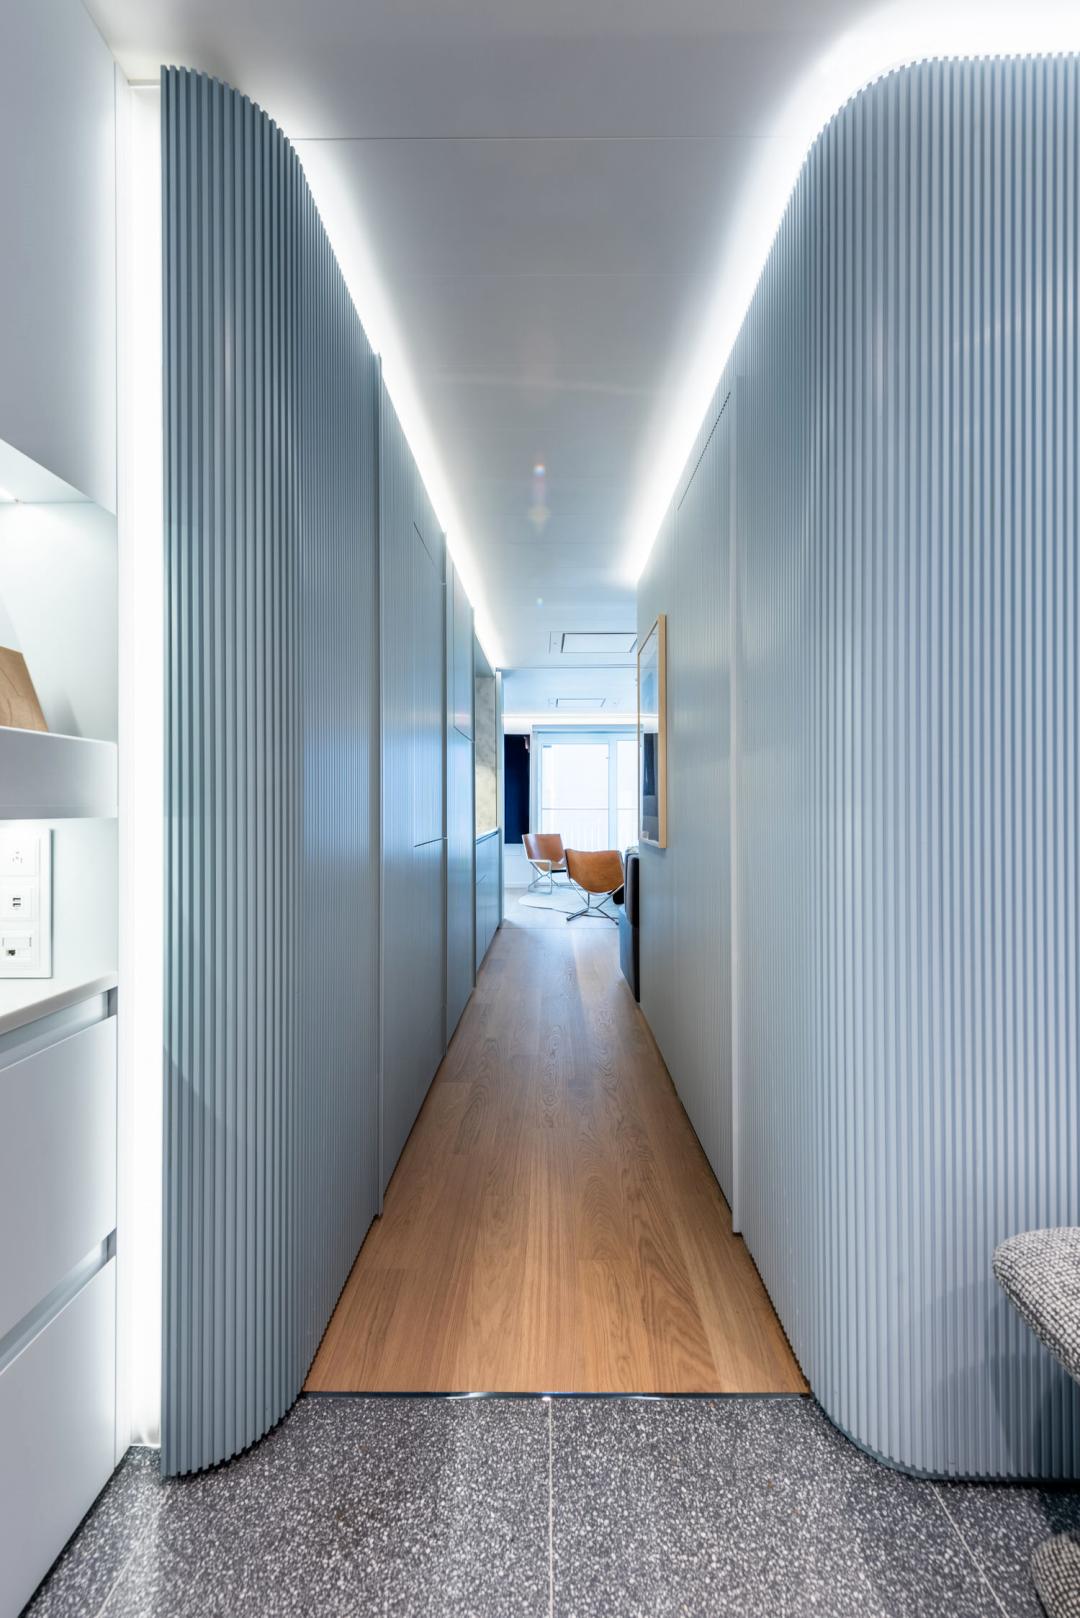 挑战空间极限,55平2室格局还带更衣室,将每1㎡榨的干干净净